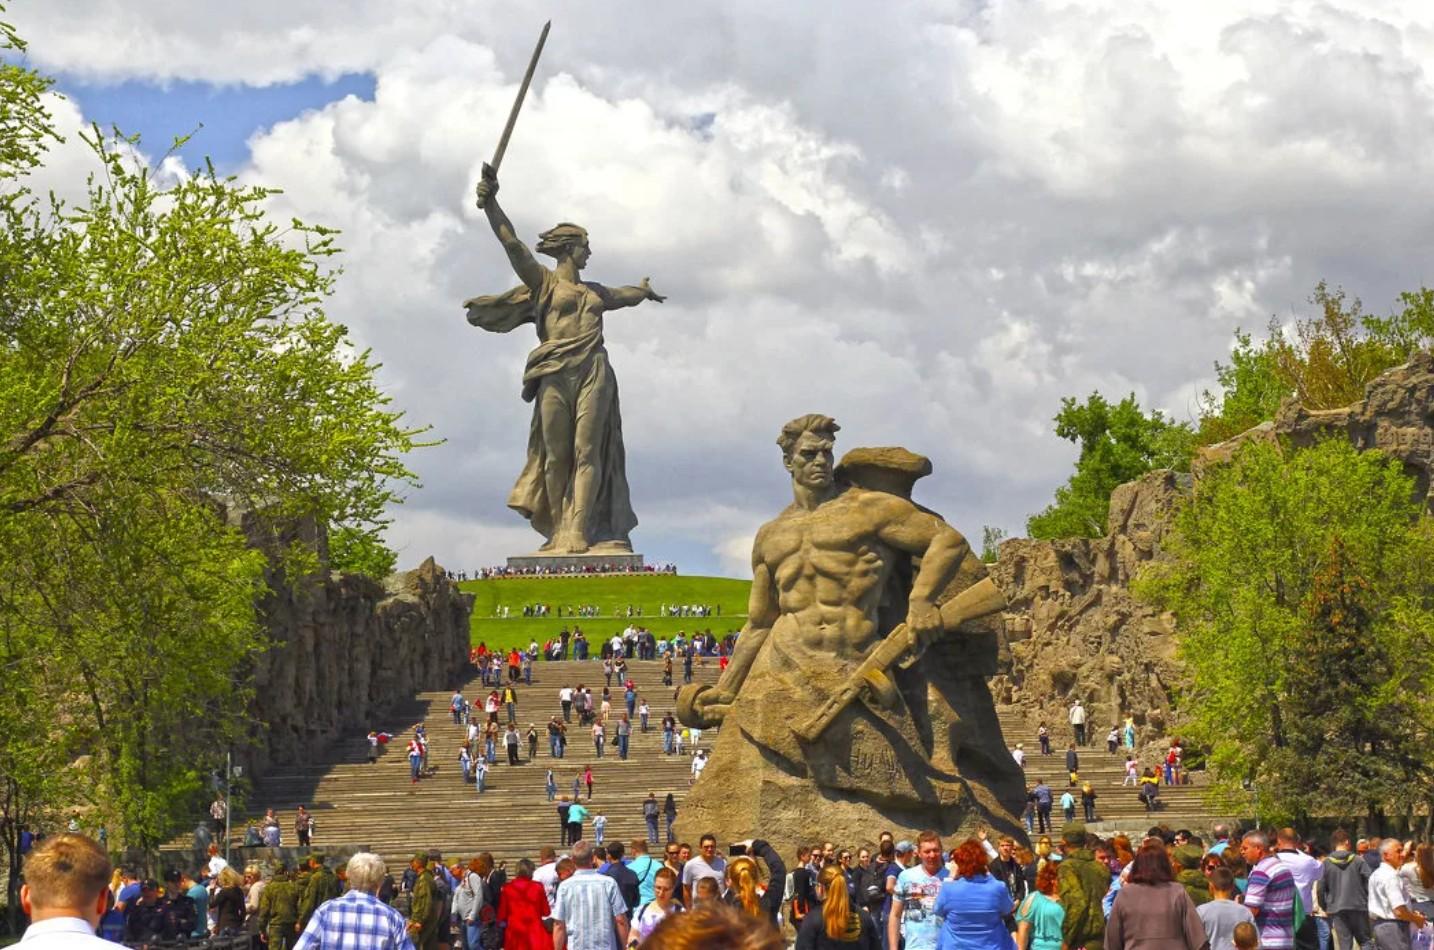 Статуя Родина-мать зовёт — памятник на Мамаевом кургане в Волгограде. Конструктивные особенности монумента.